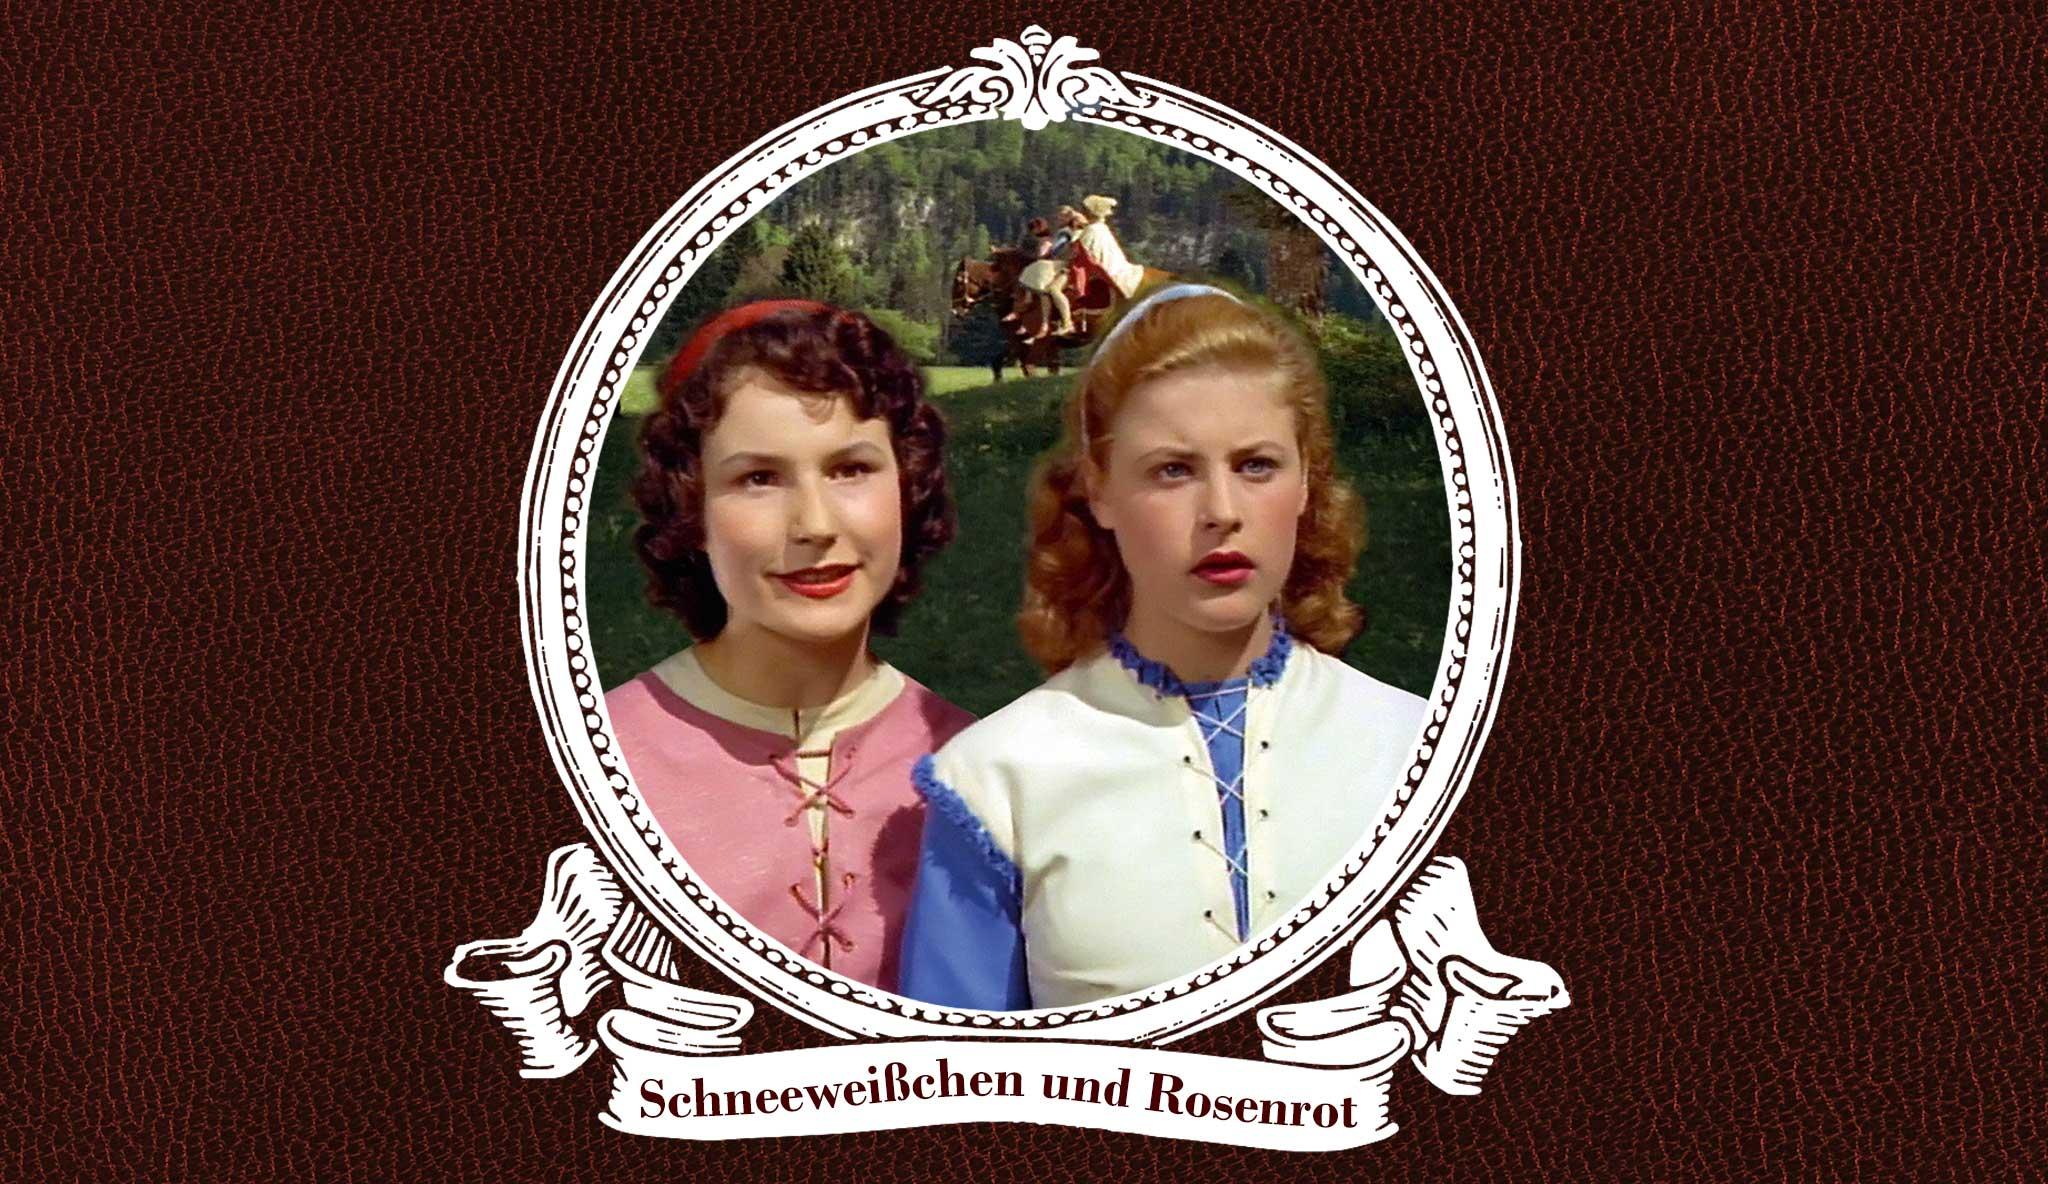 schneeweischen-und-rosenrot\header.jpg